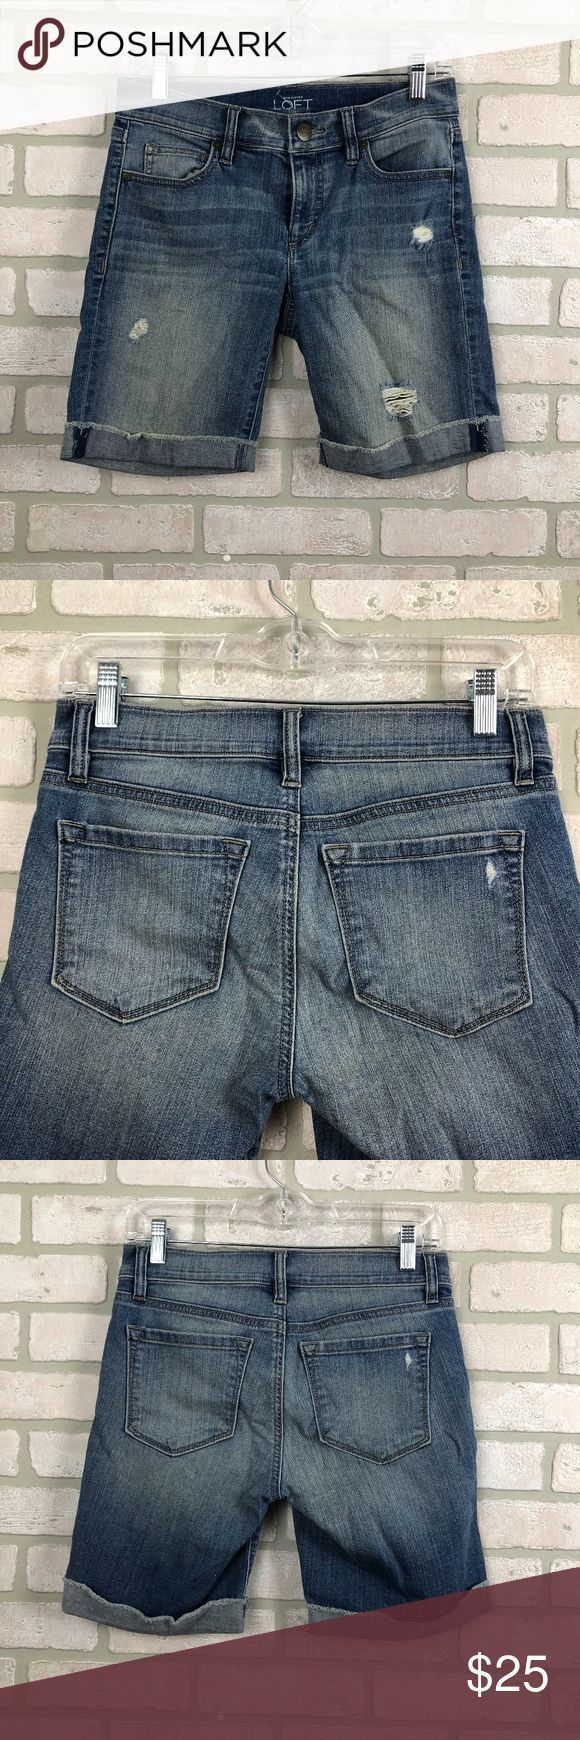 Loft Modern Long Distressed Modest Shorts Größe 2 Ann Taylor Loft Modern Long …